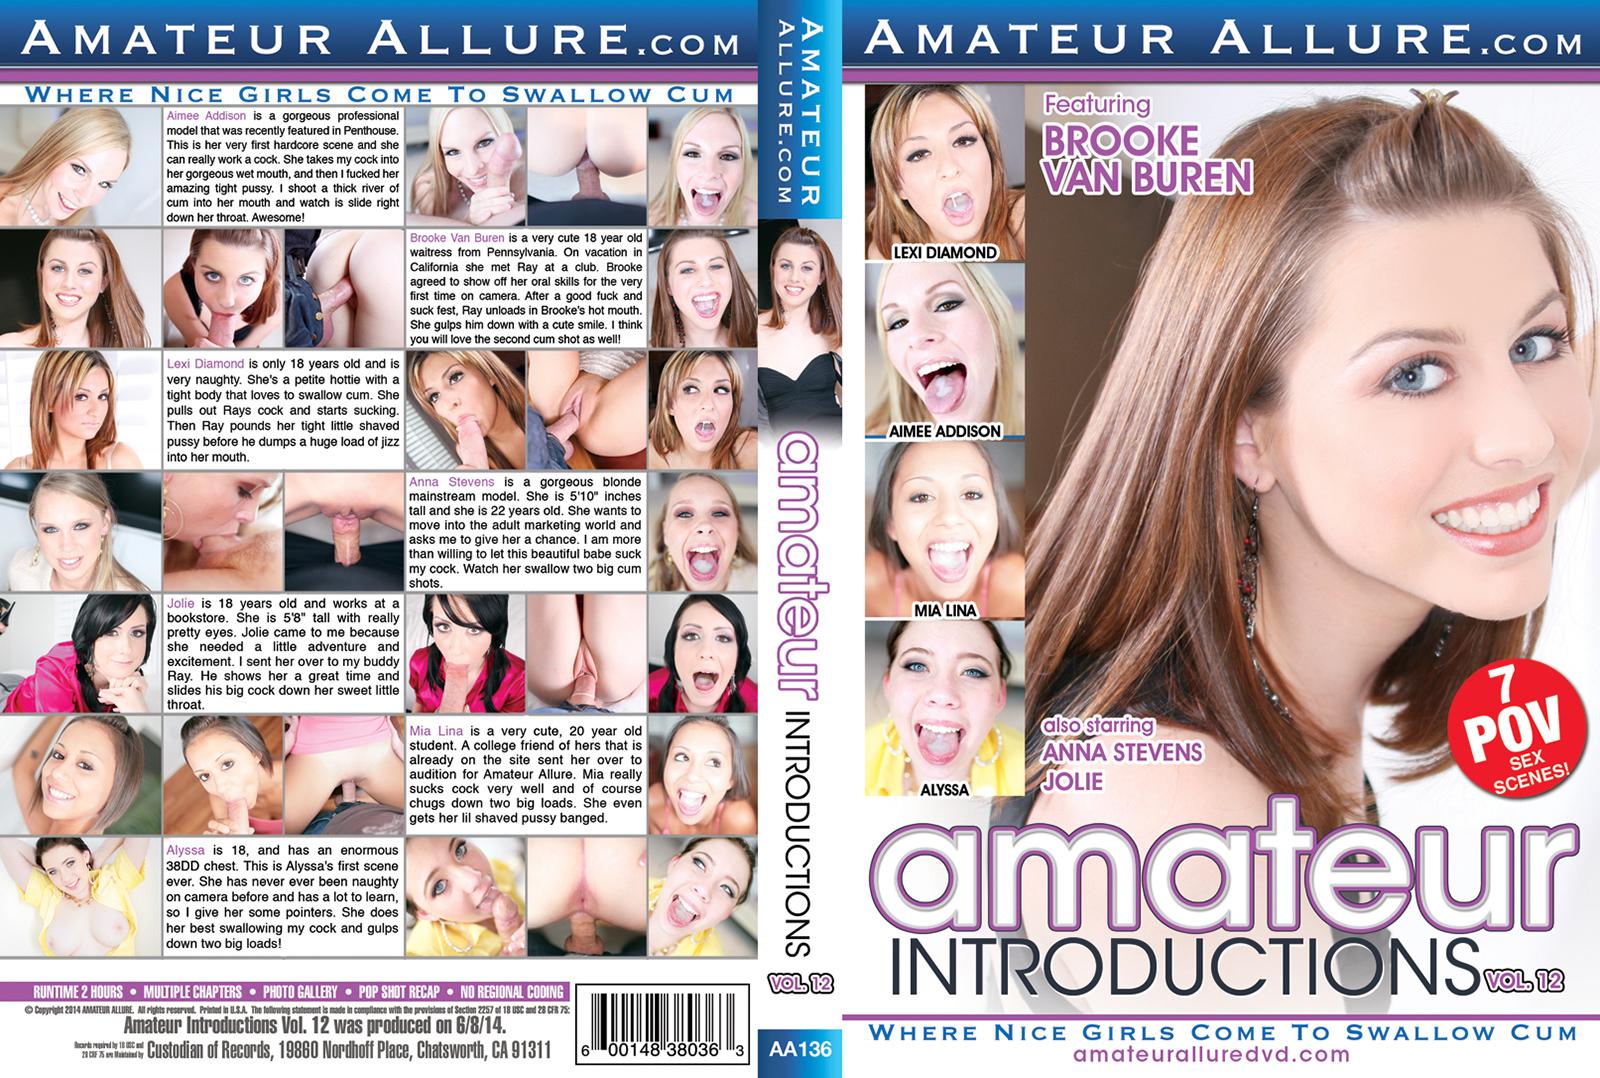 amateur_introductions_12-dvd-large.jpg